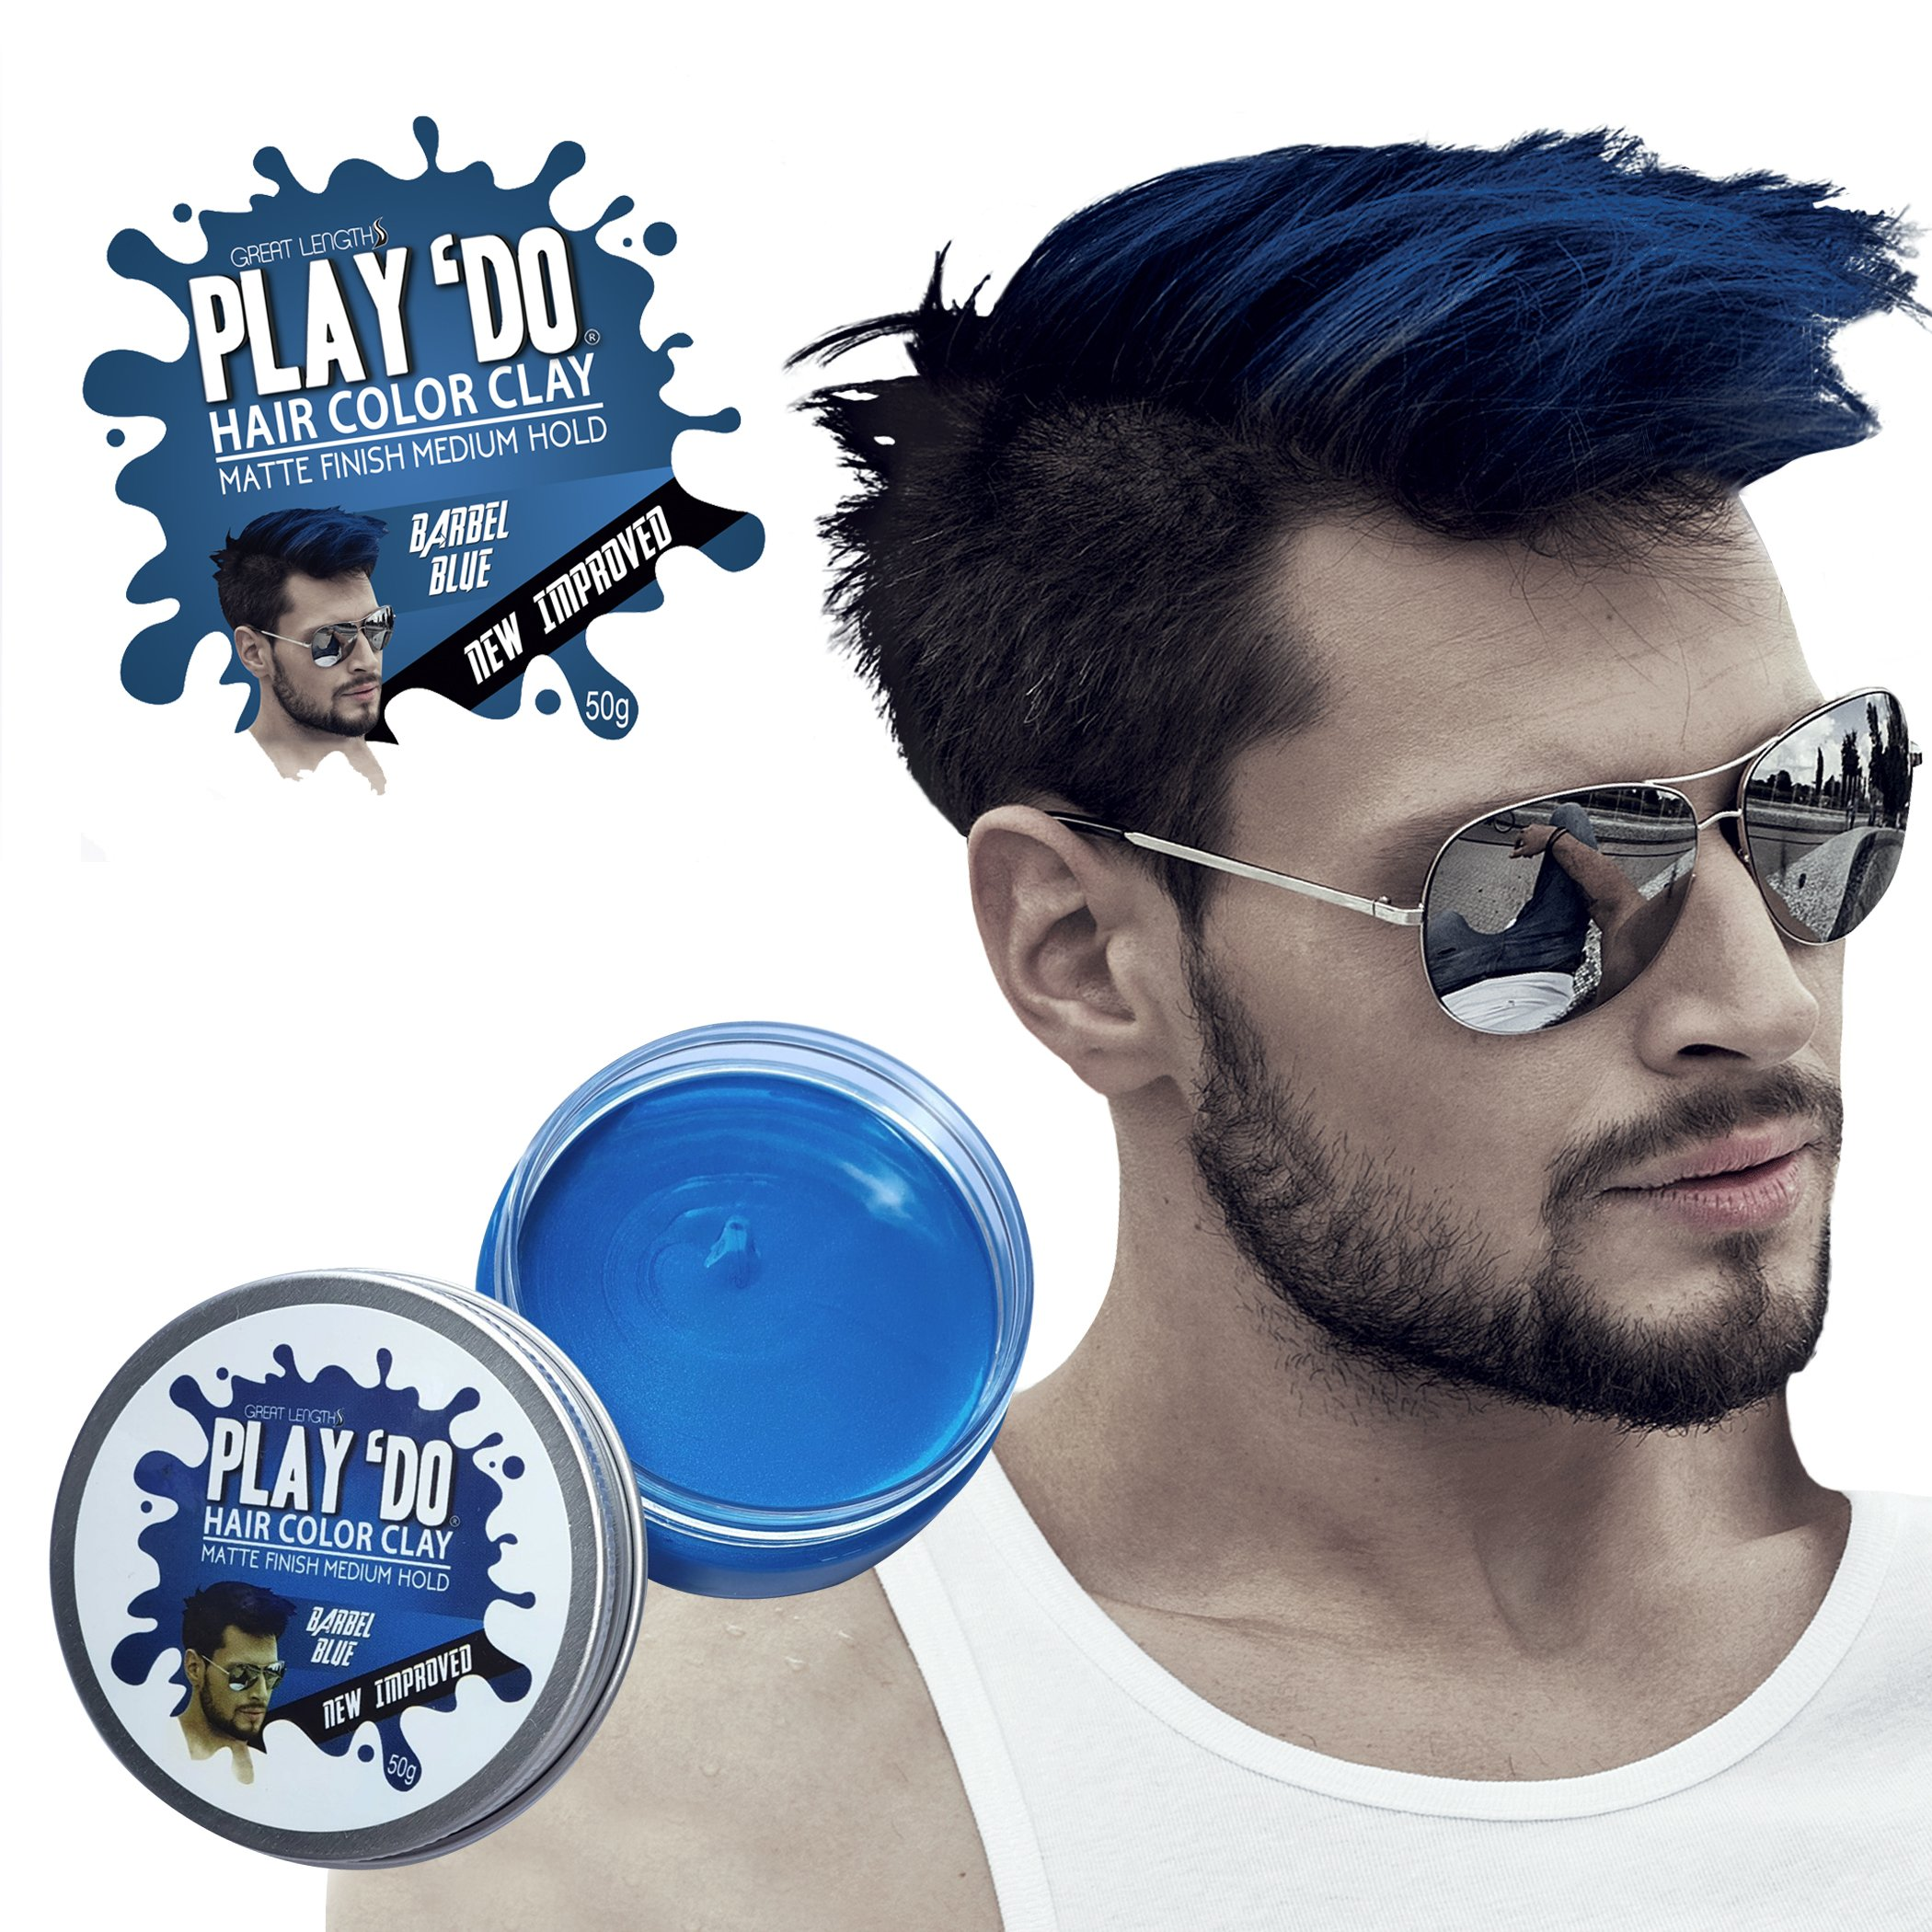 Play 'Do Temporary Hair Color, Hair Wax, Hair Clay, Mens Grooming, Blue hair dye(1.8 ounces)